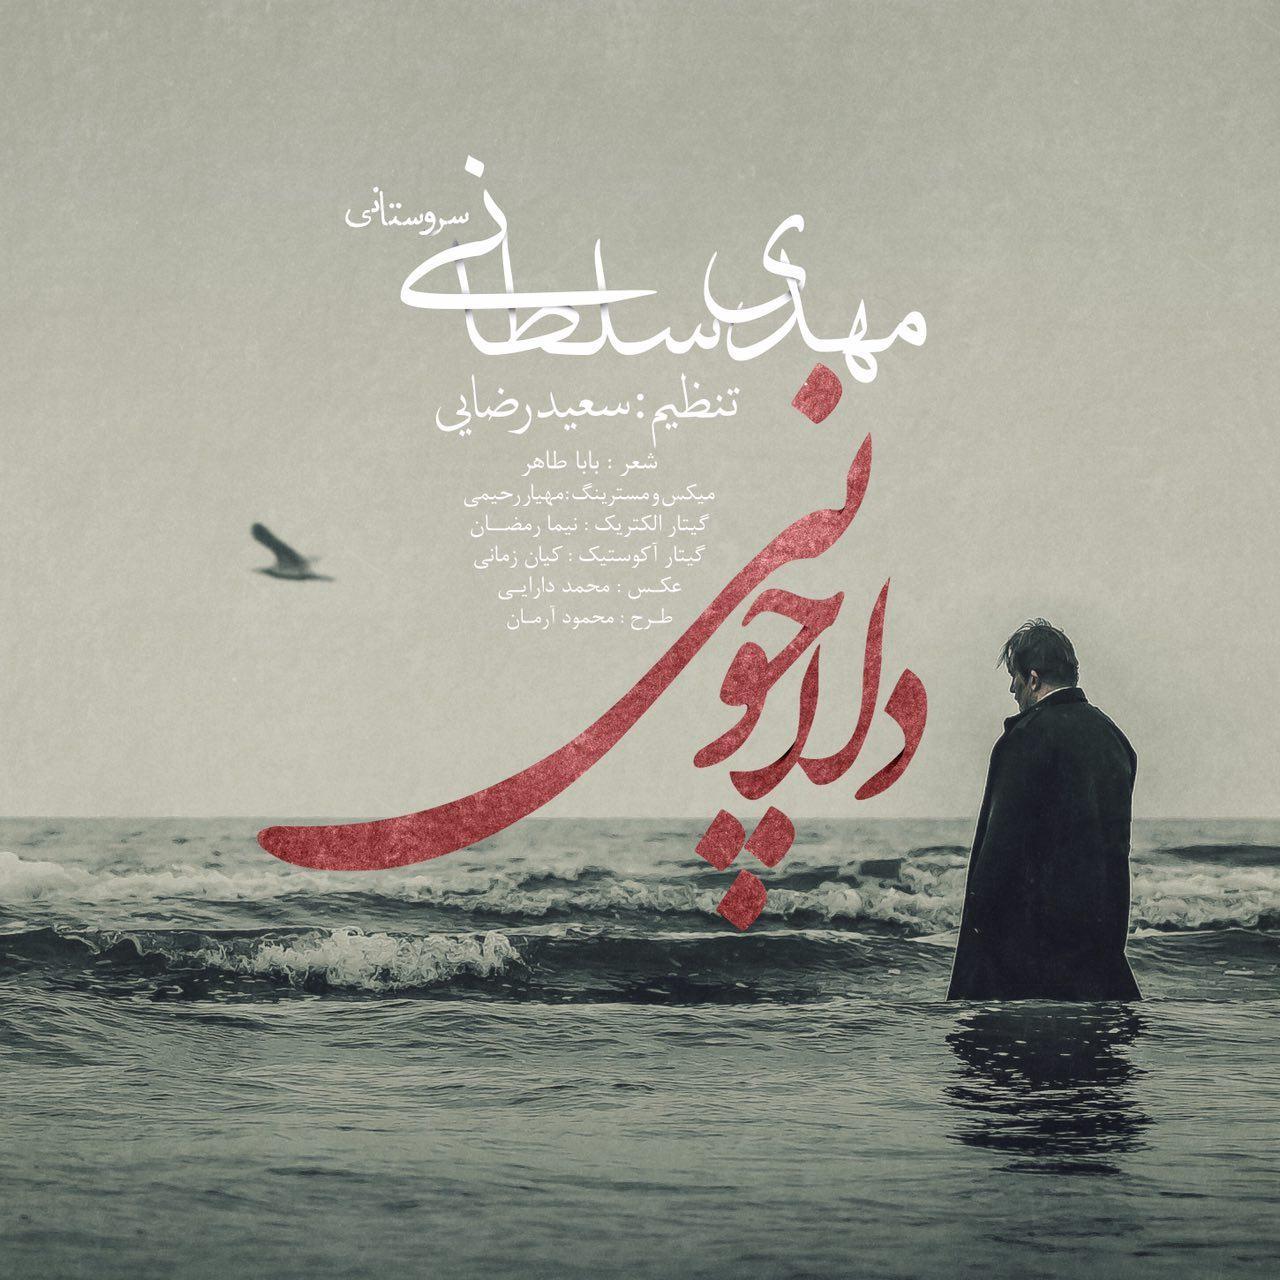 نامبر وان موزیک | دانلود آهنگ جدید Mehdi-Soltani-Dela-Choni